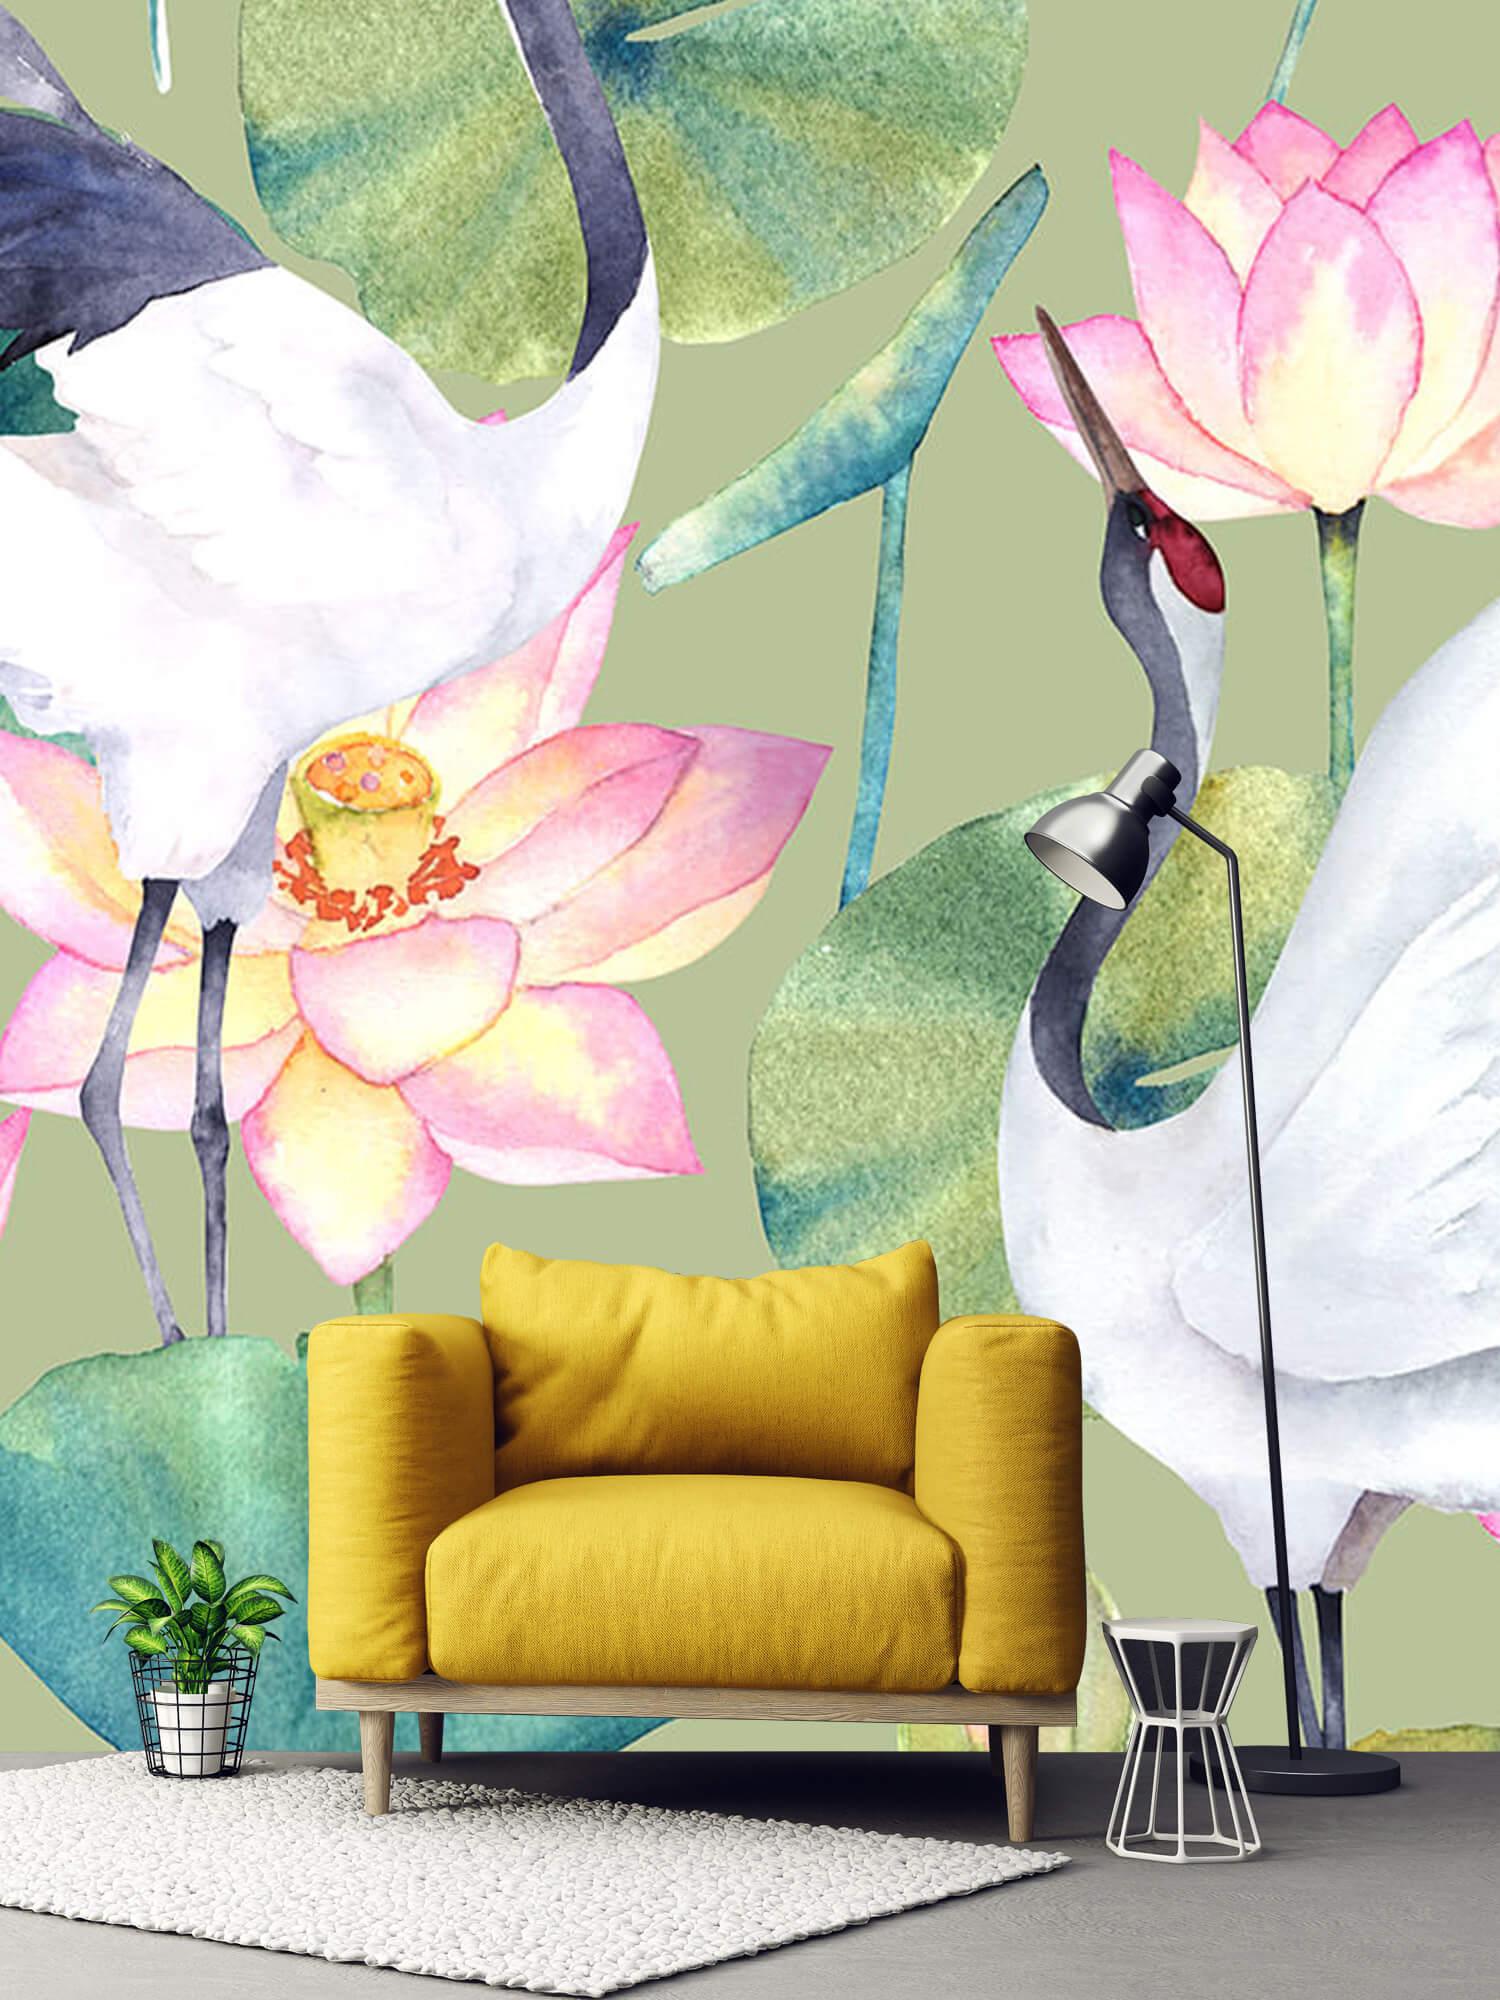 Kraanvogels tussen de bloemen 2